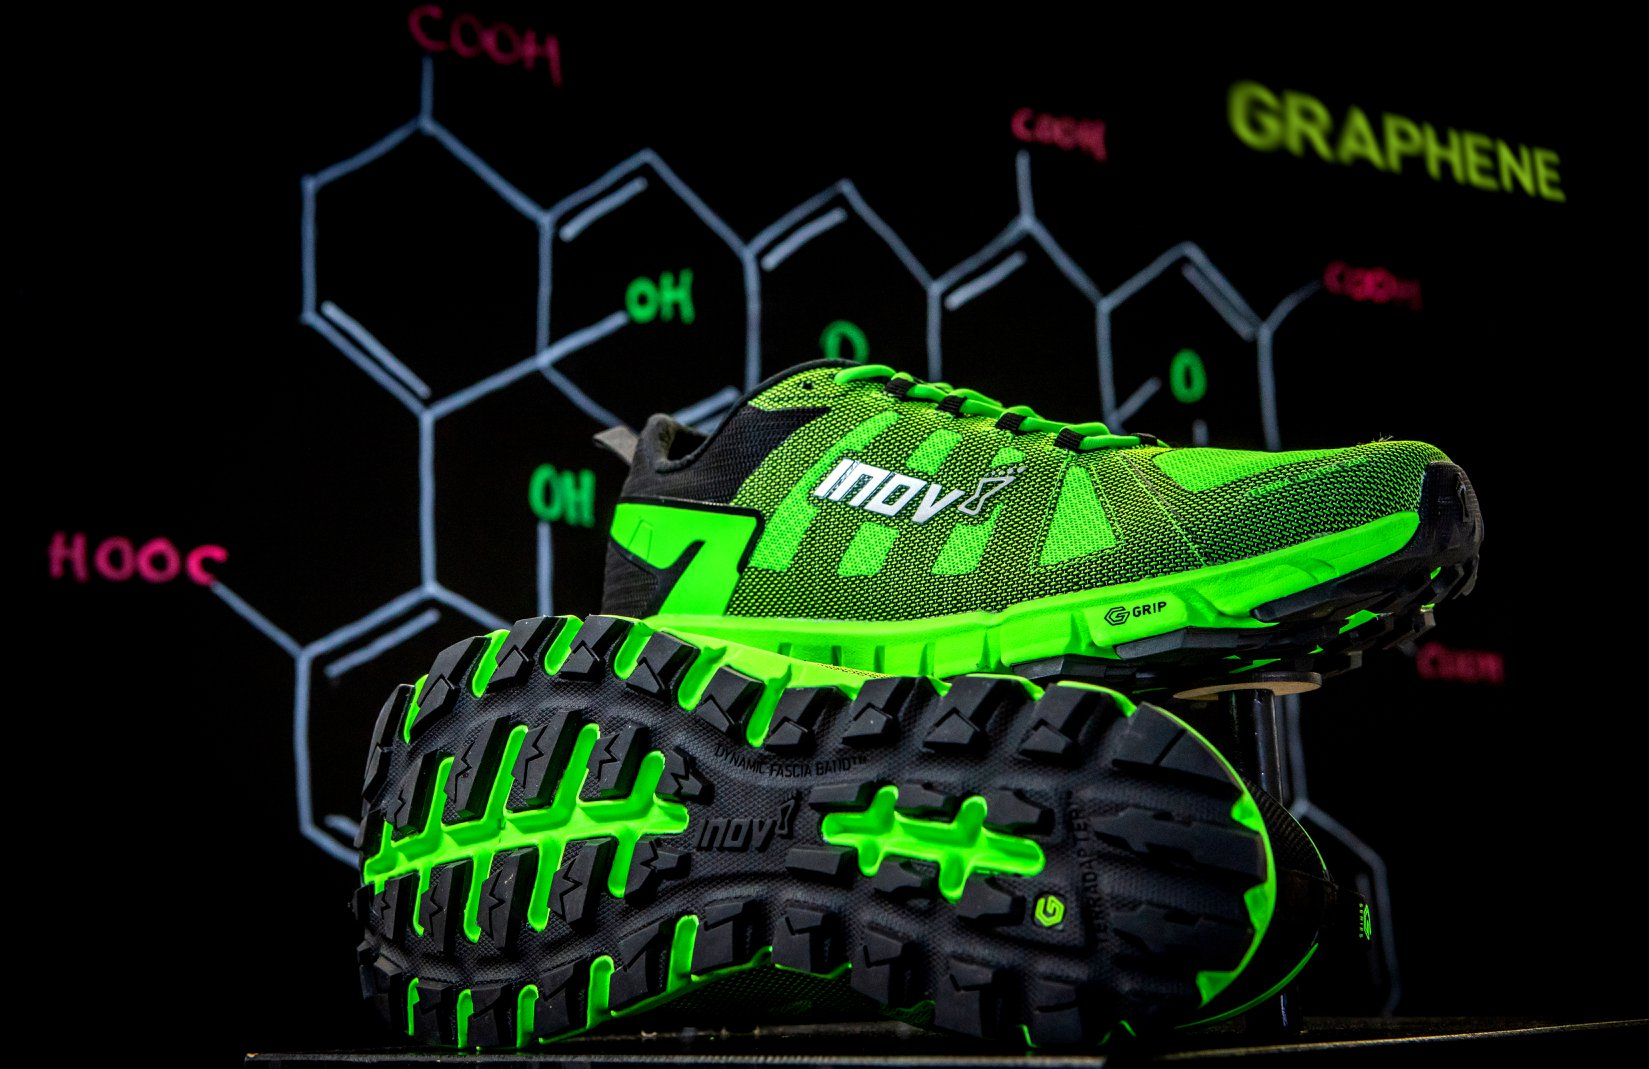 inov-8 grafene